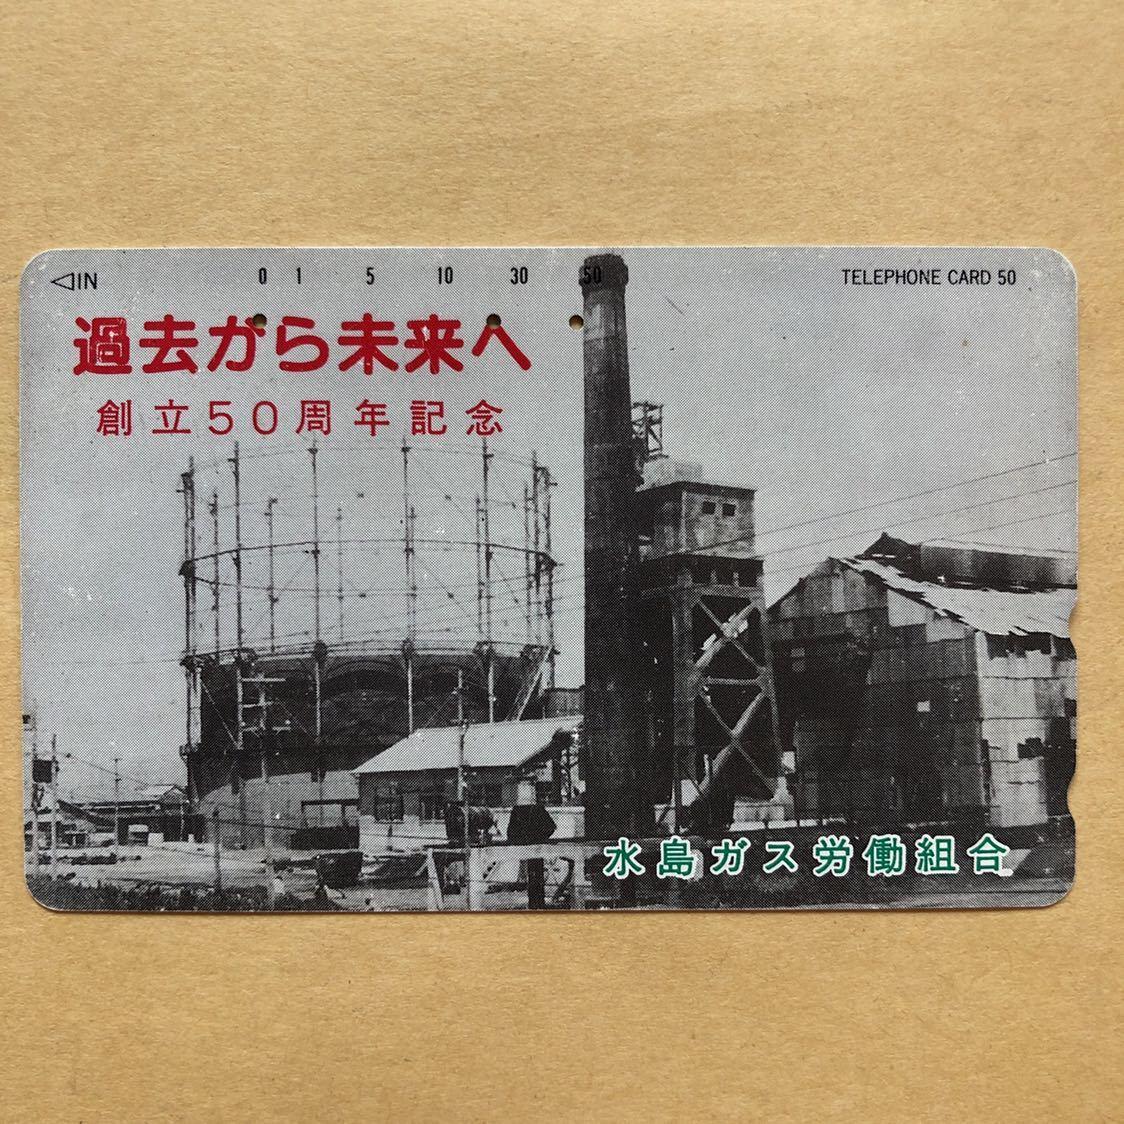 ヤフオク! - 【使用済】 テレカ 水島ガス労働組合 創立50周年...